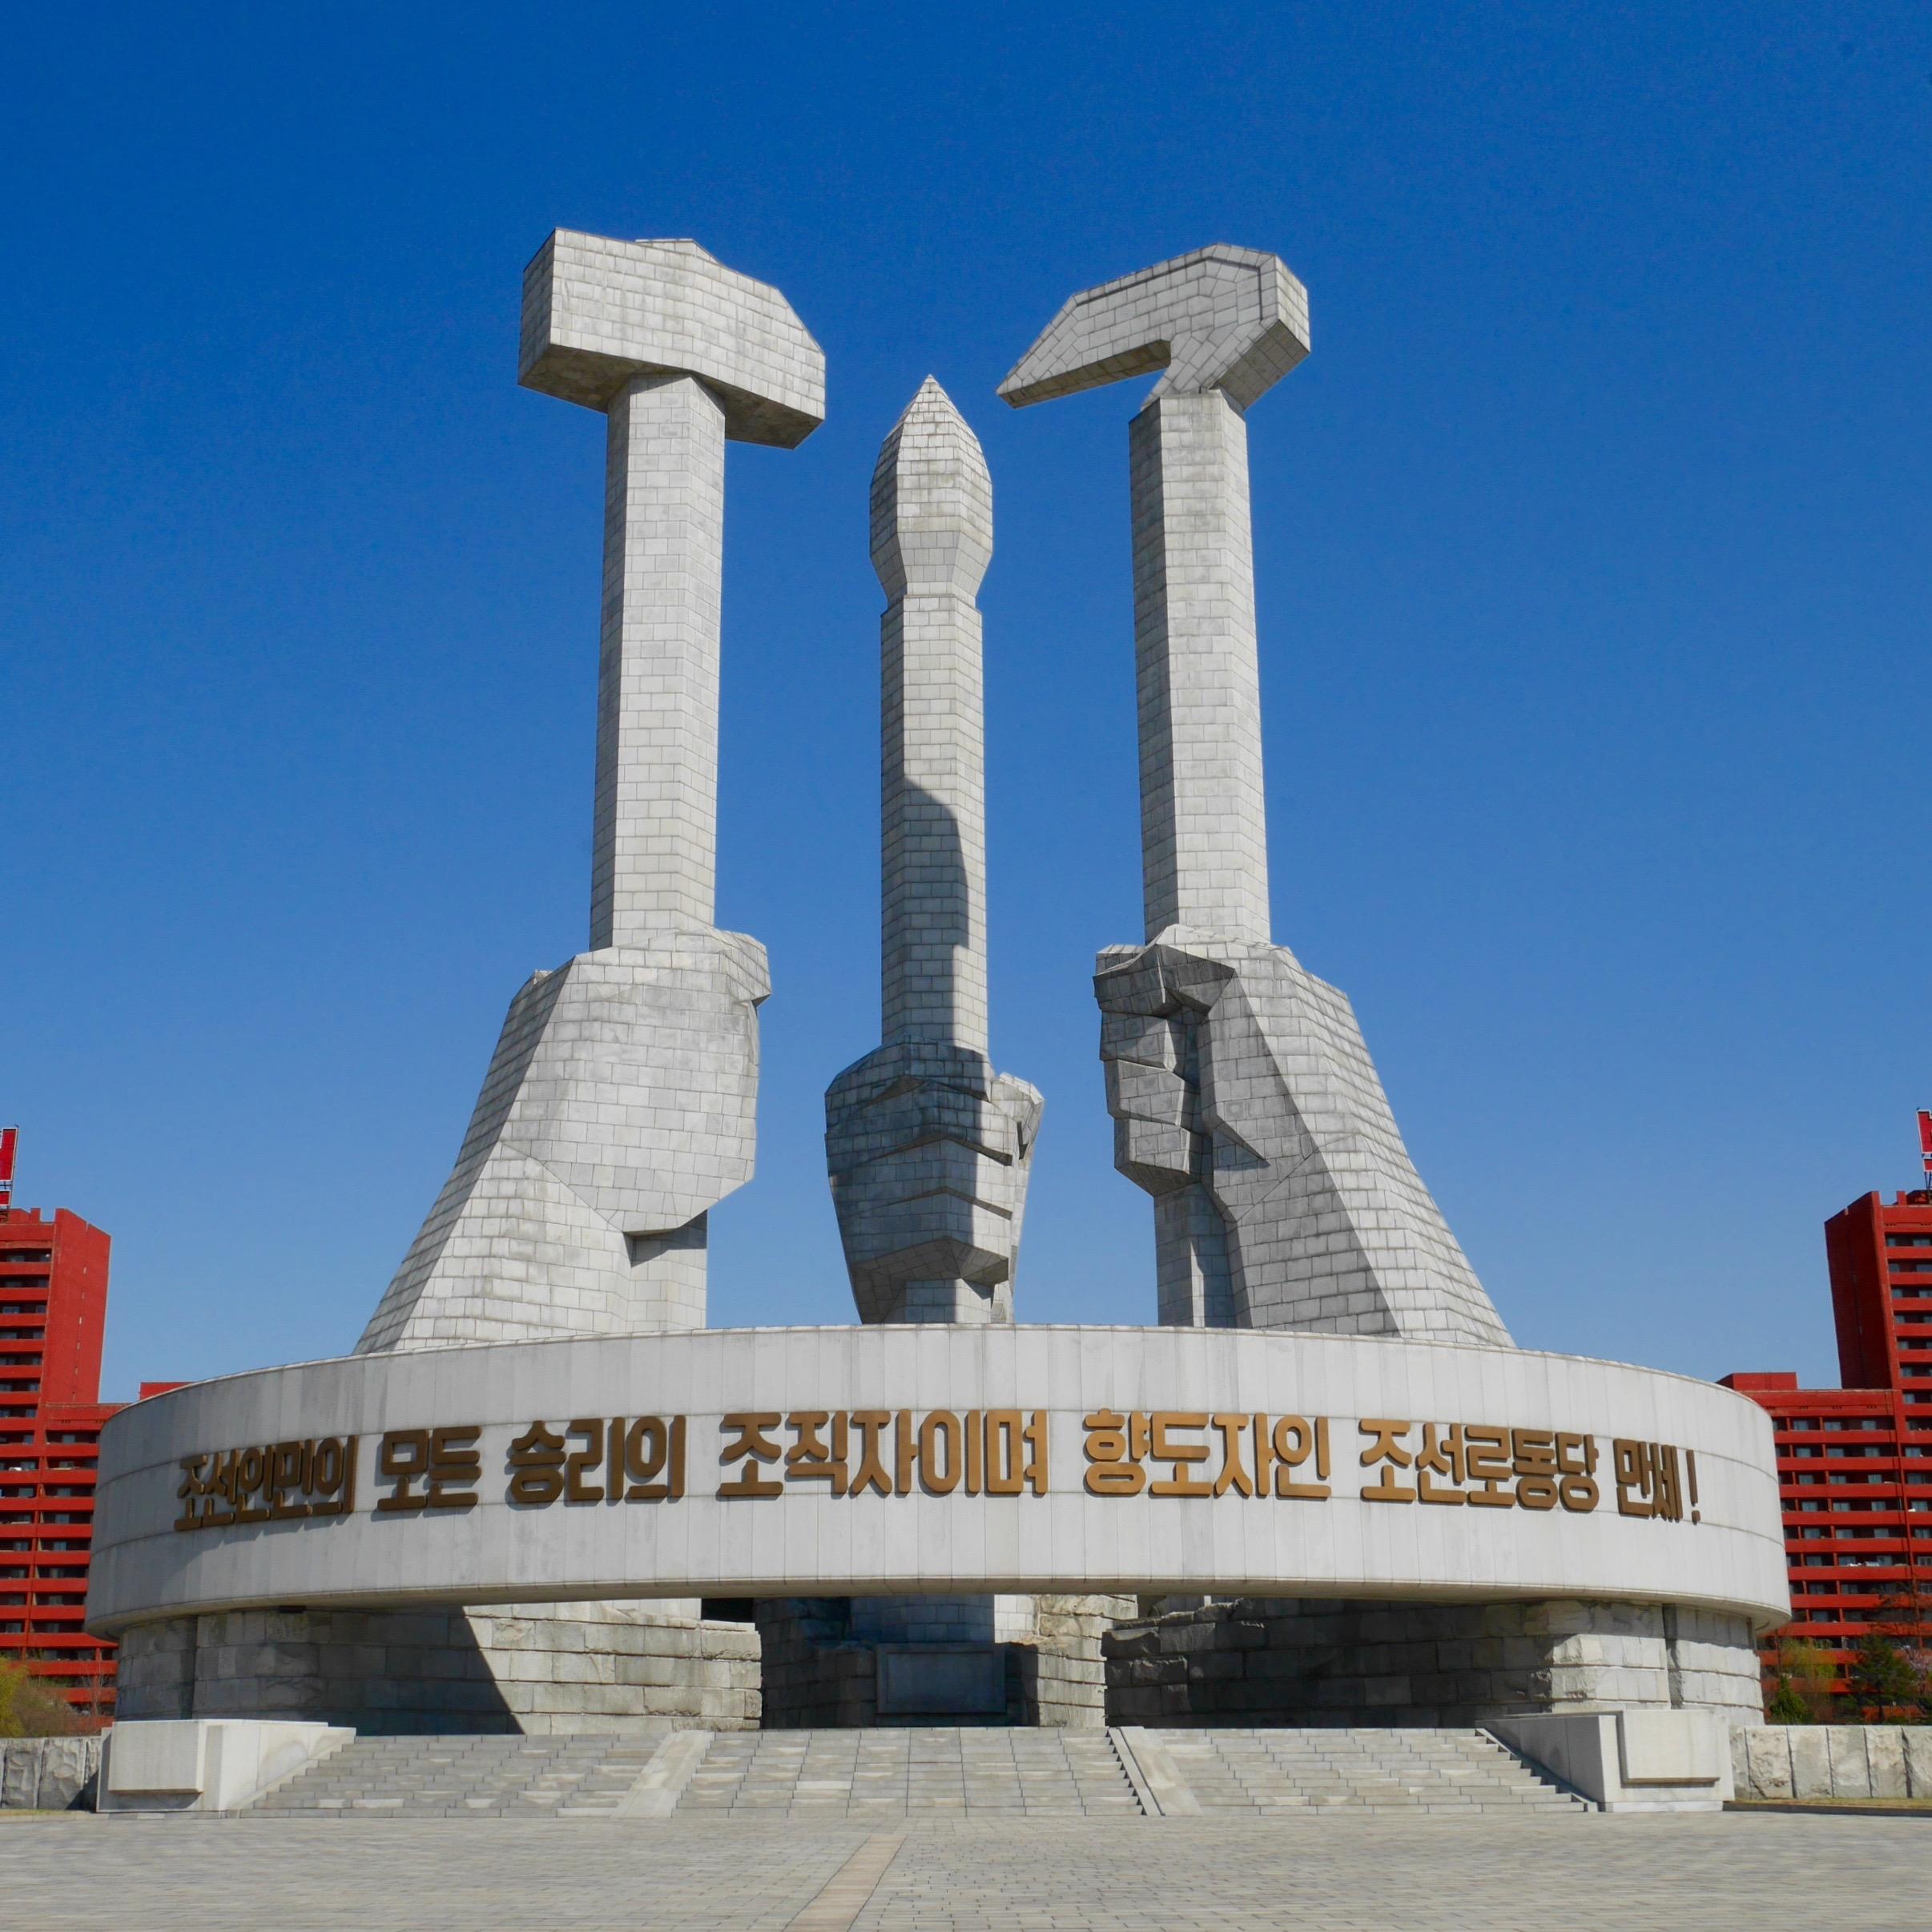 Cosa sapere prima di andare in Corea del nord: come prepararsi per il viaggio, cosa fare e cosa NON fare sara caulfield